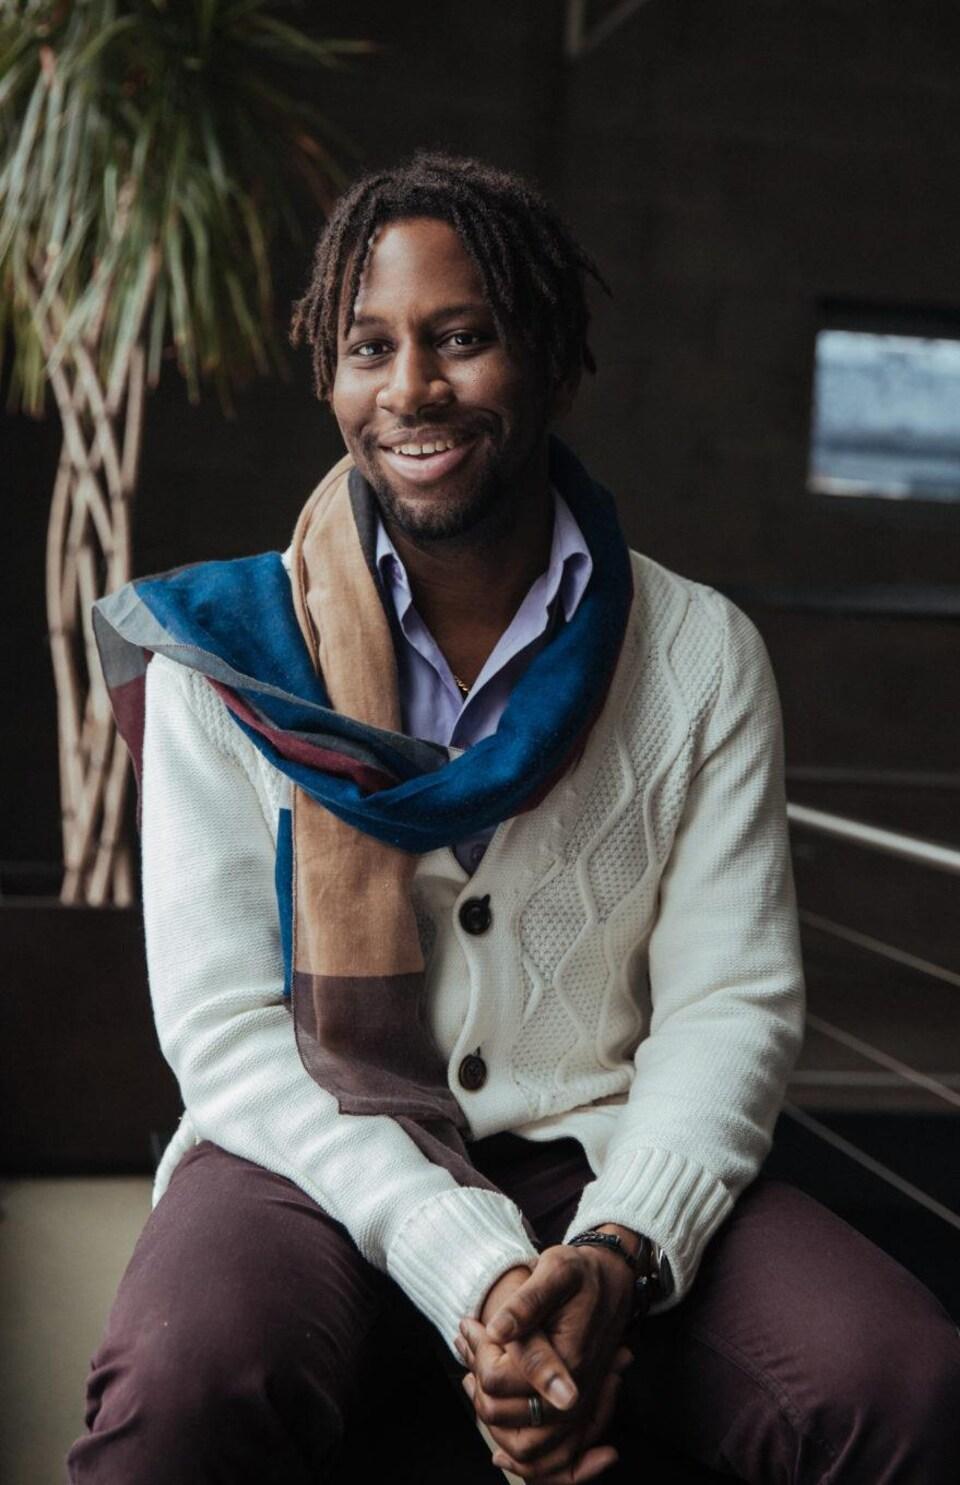 Laurent Lafontant, coordonnateur du festival Massimadi, sourit à la caméra.